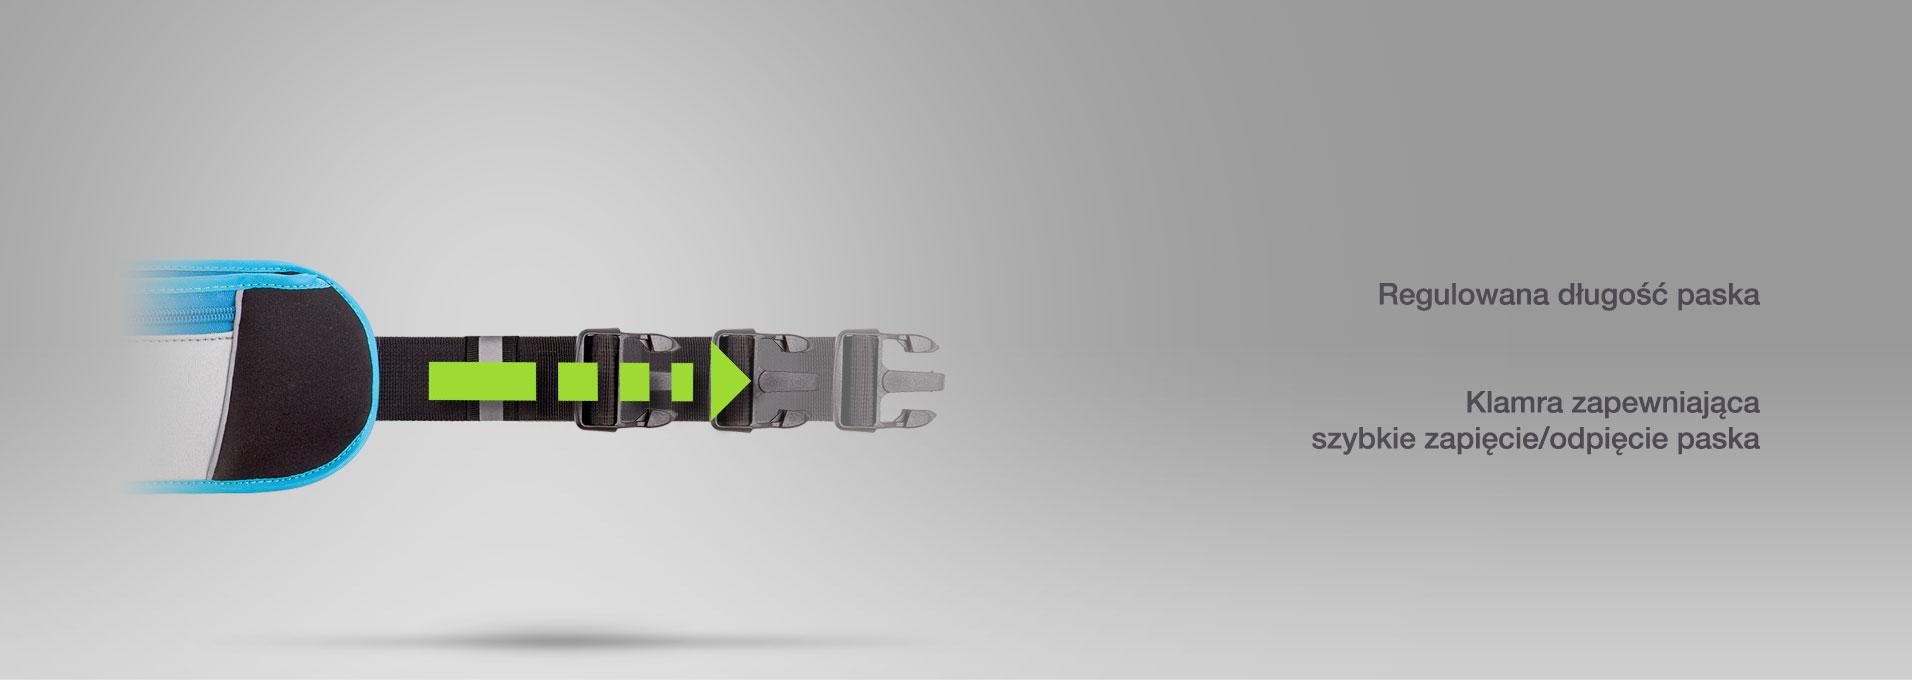 Posiada regulowaną długość paska i klamrę zapewniającą szybkie zapięcie/odpięcie paska.